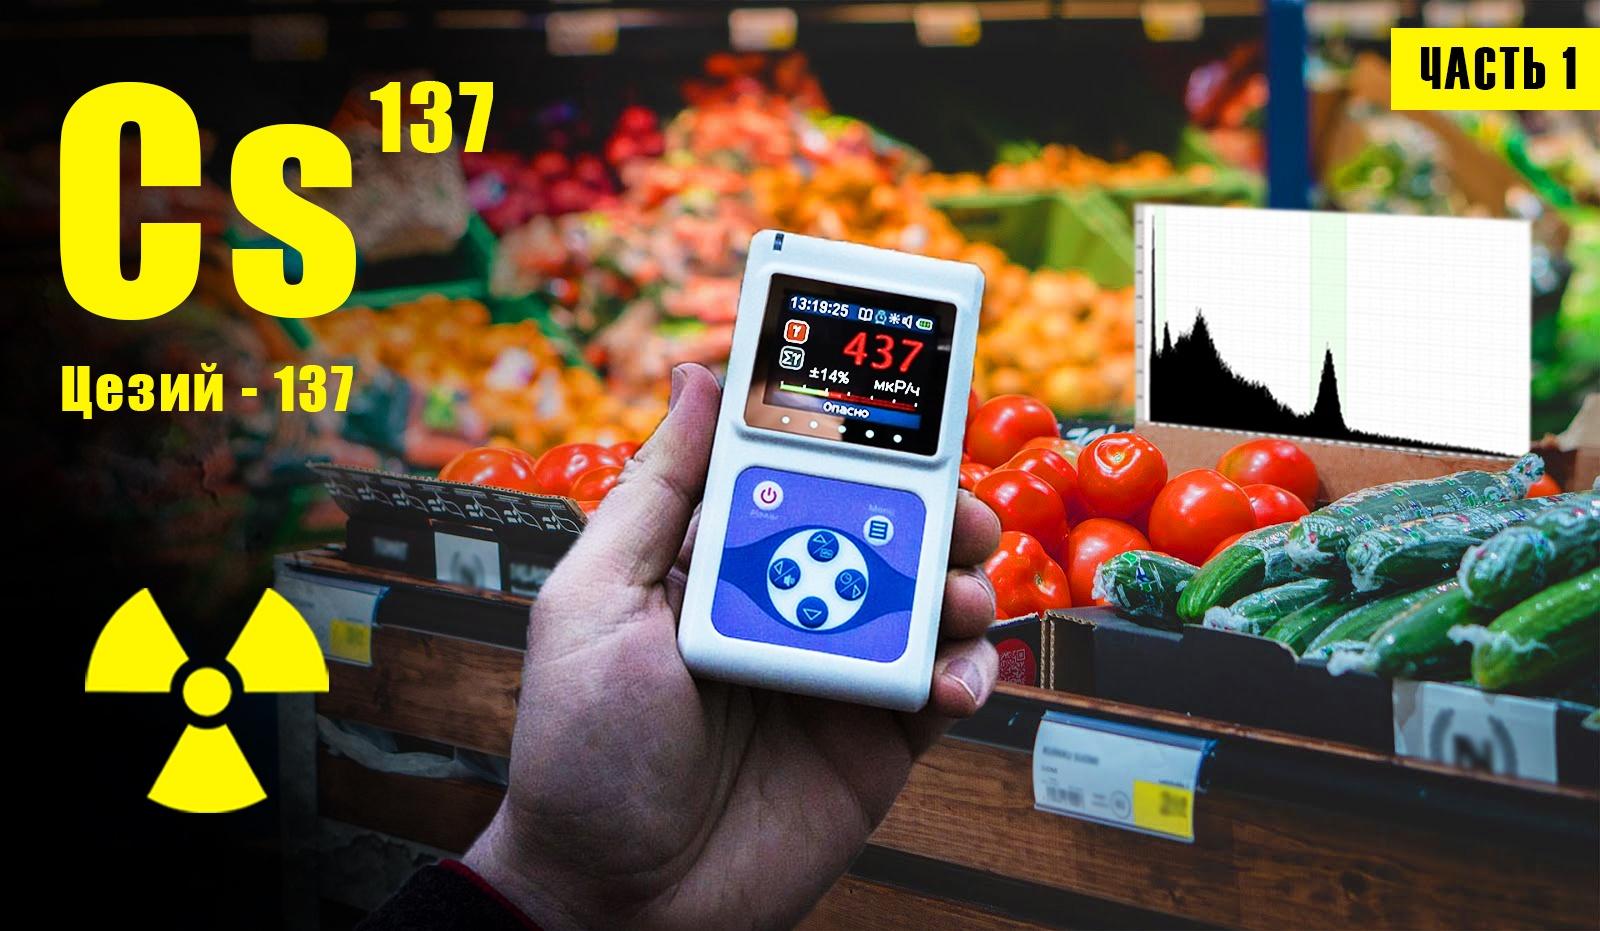 Радиоактивные продукты. Гамма-спектрометр. Часть 1 - 1